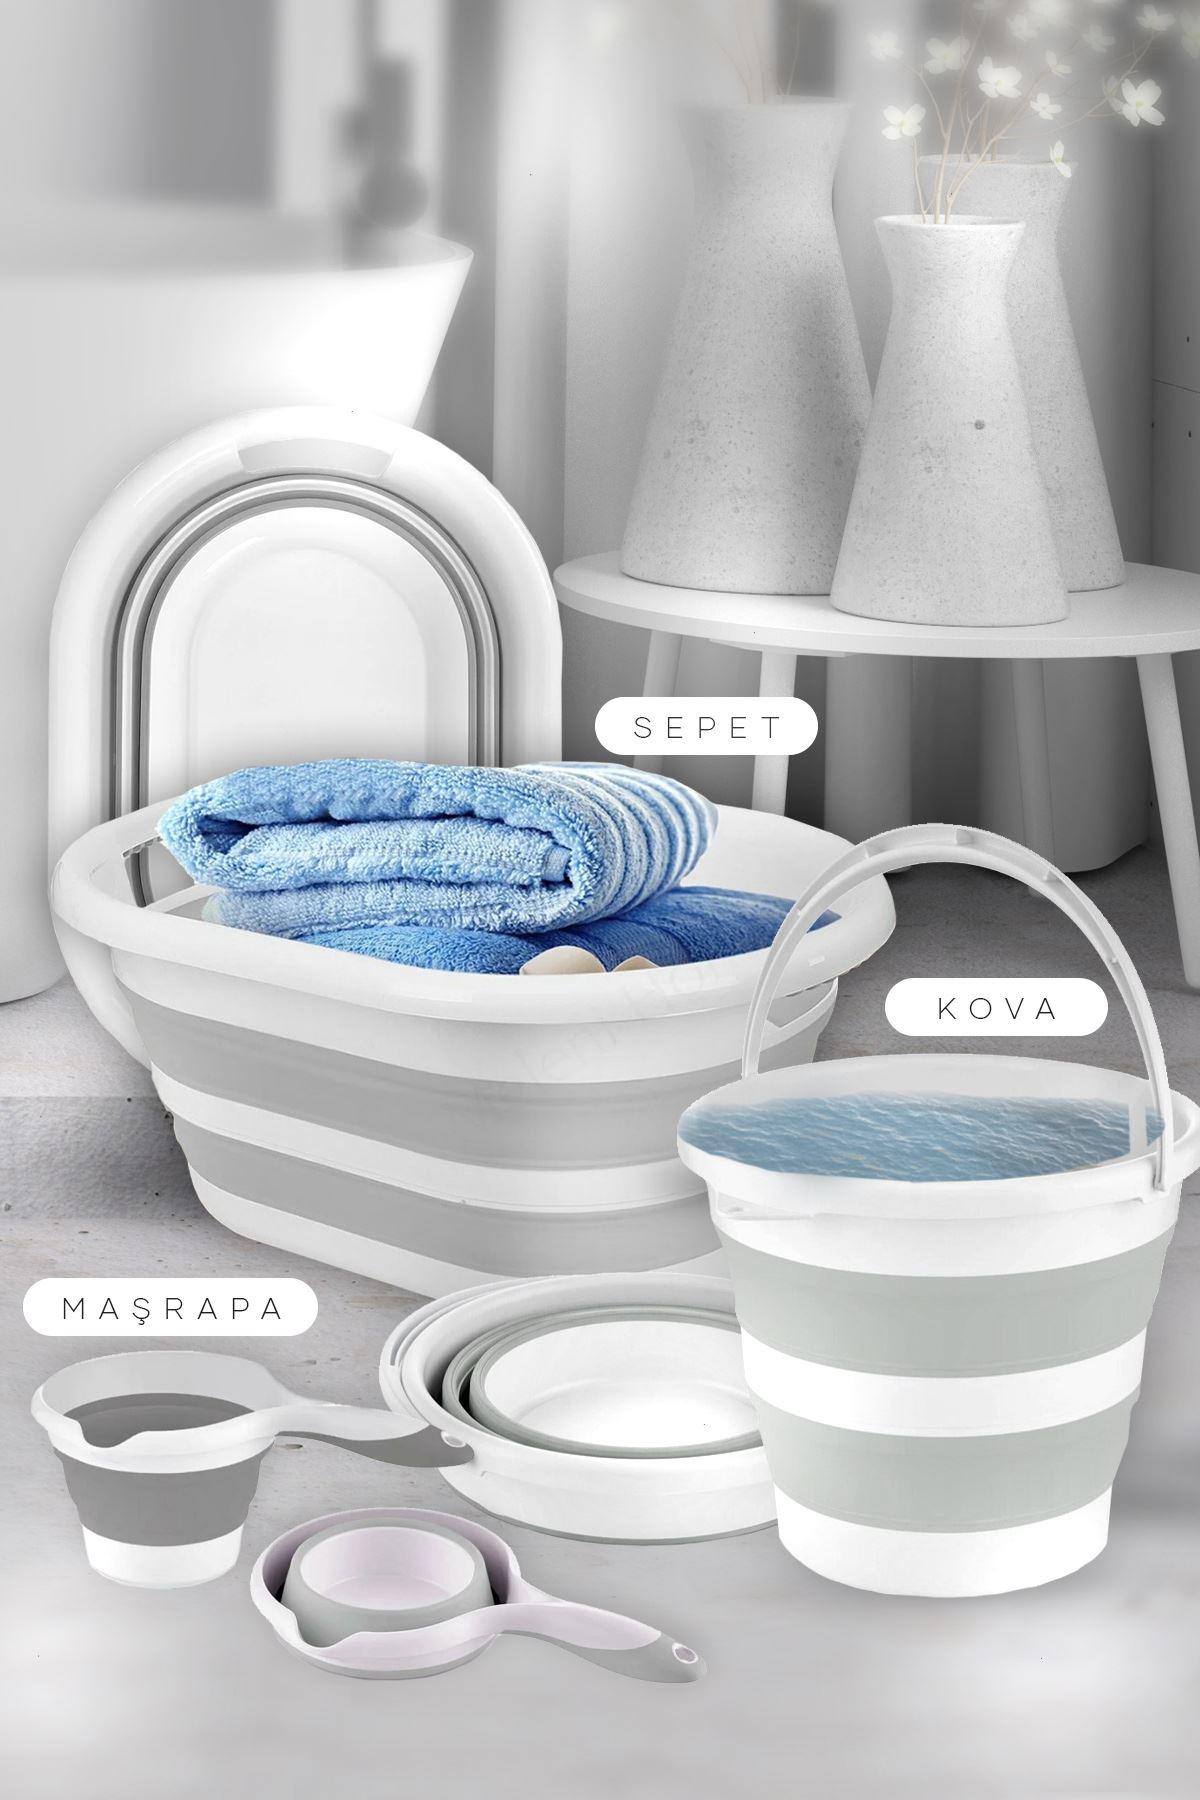 Kitchen Trend 3' Lü Set Katlanır Çamaşır Sepeti, Katlanabilir Akordeon Su Kovası, Katlanır Maşrapa